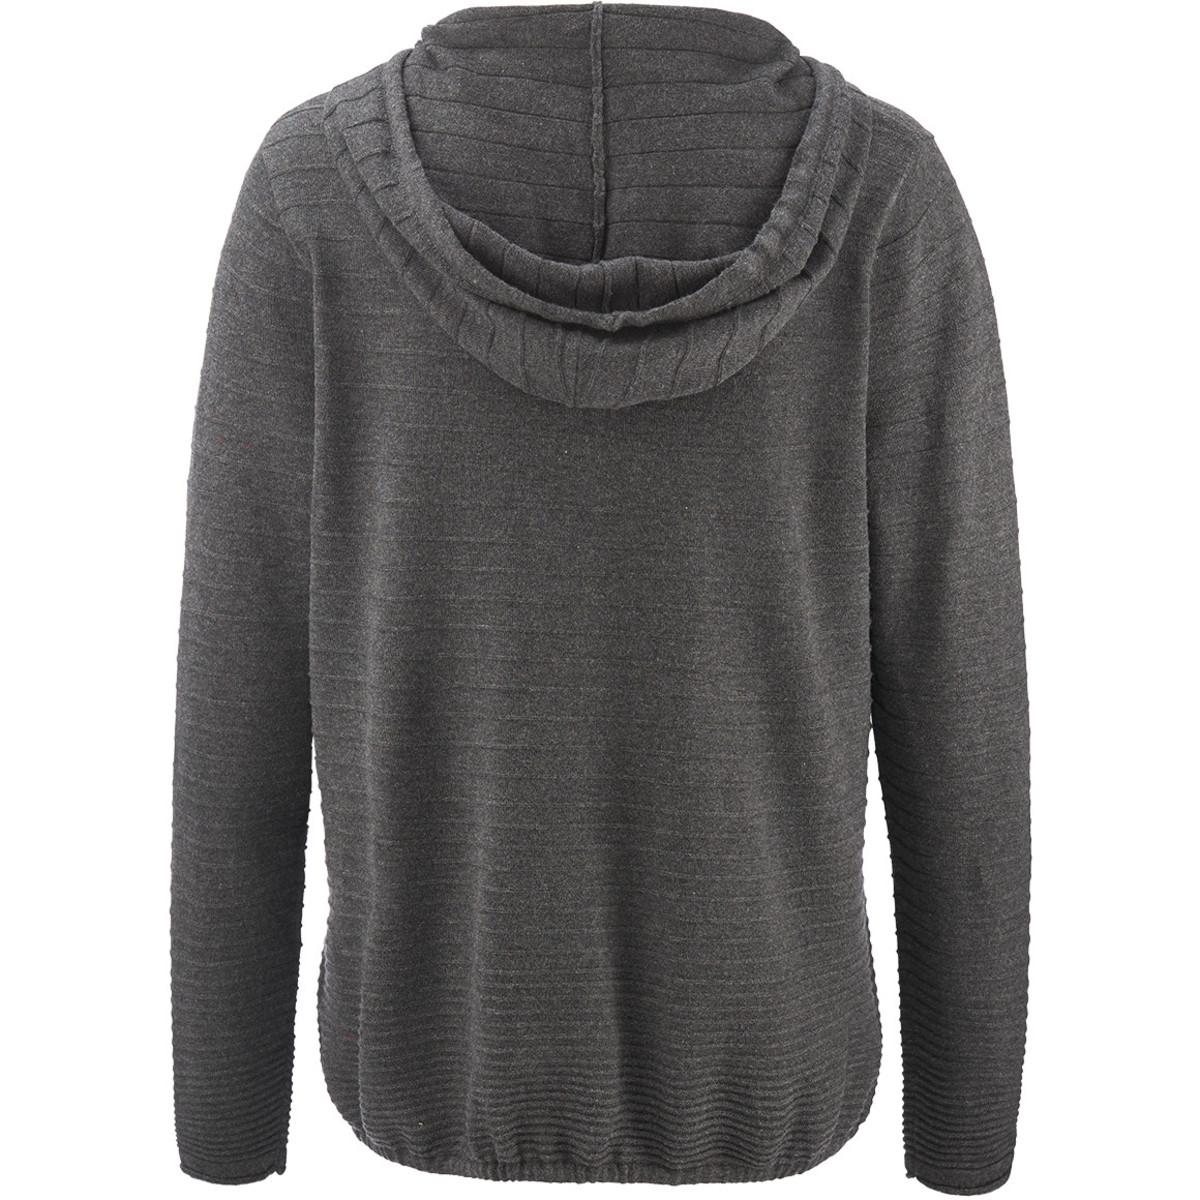 Bild 3 von Damen Pullover mit Ziersteinchen